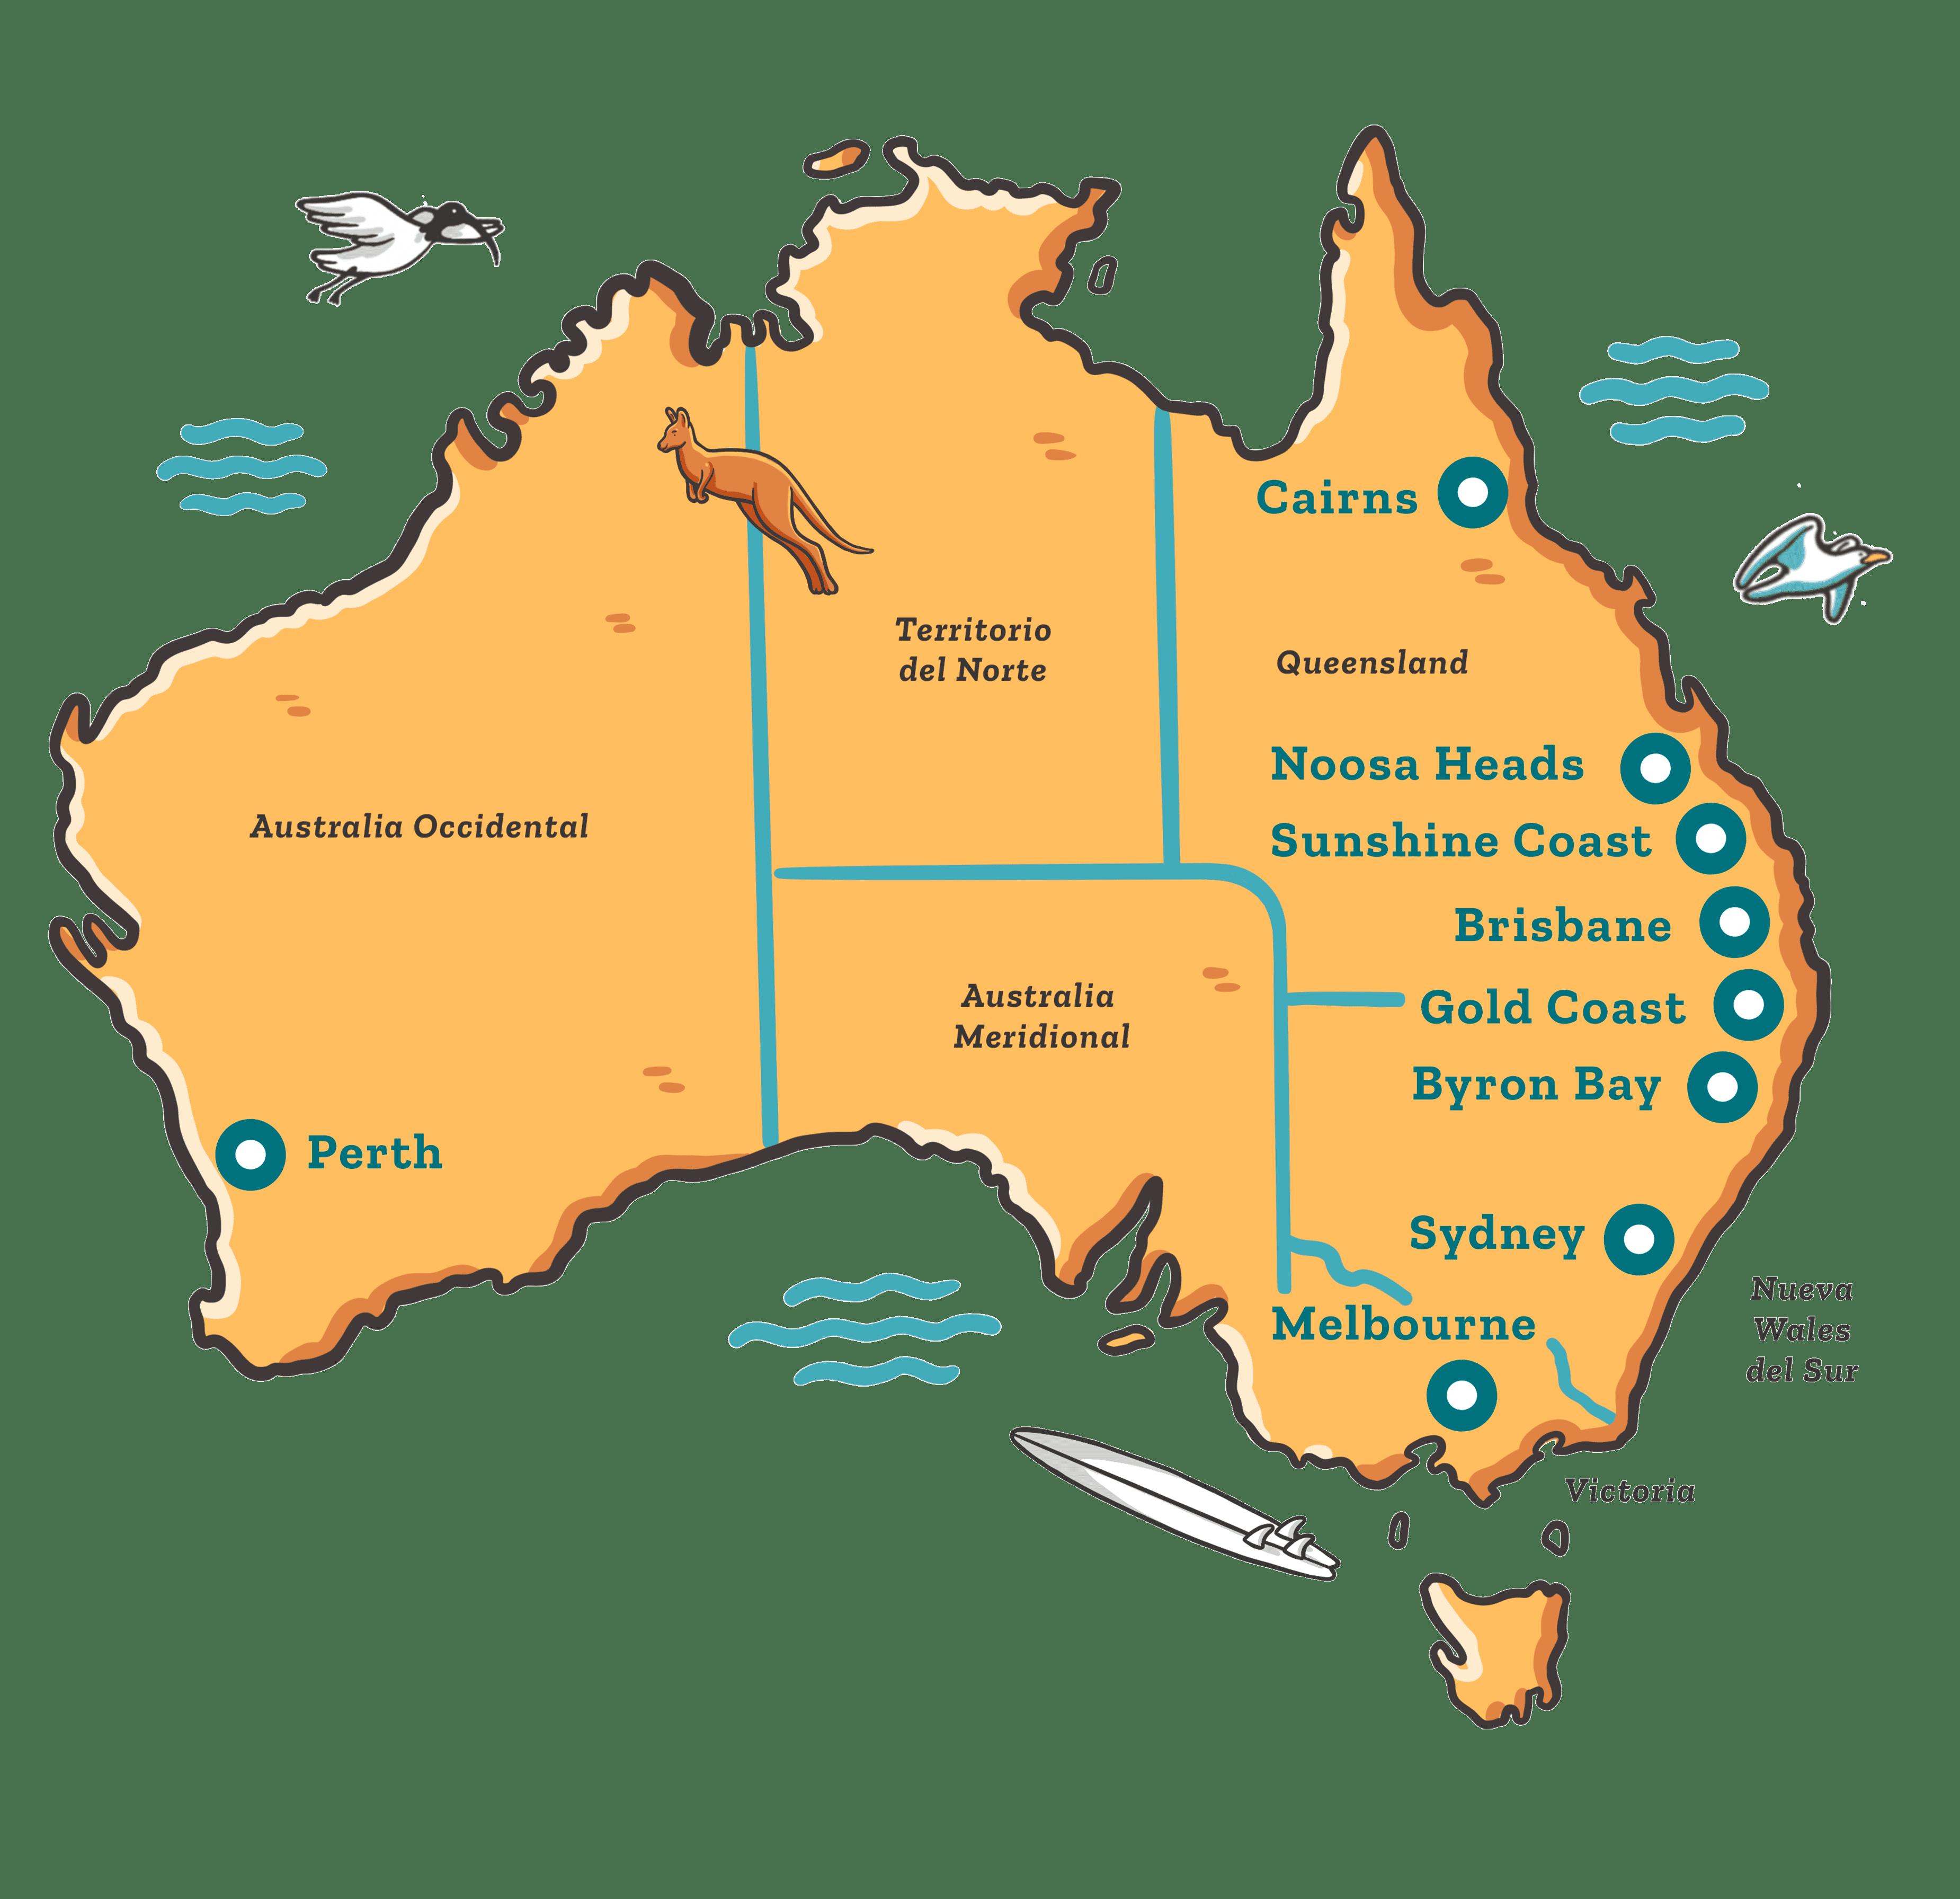 ciudades australia mapa ilustrado